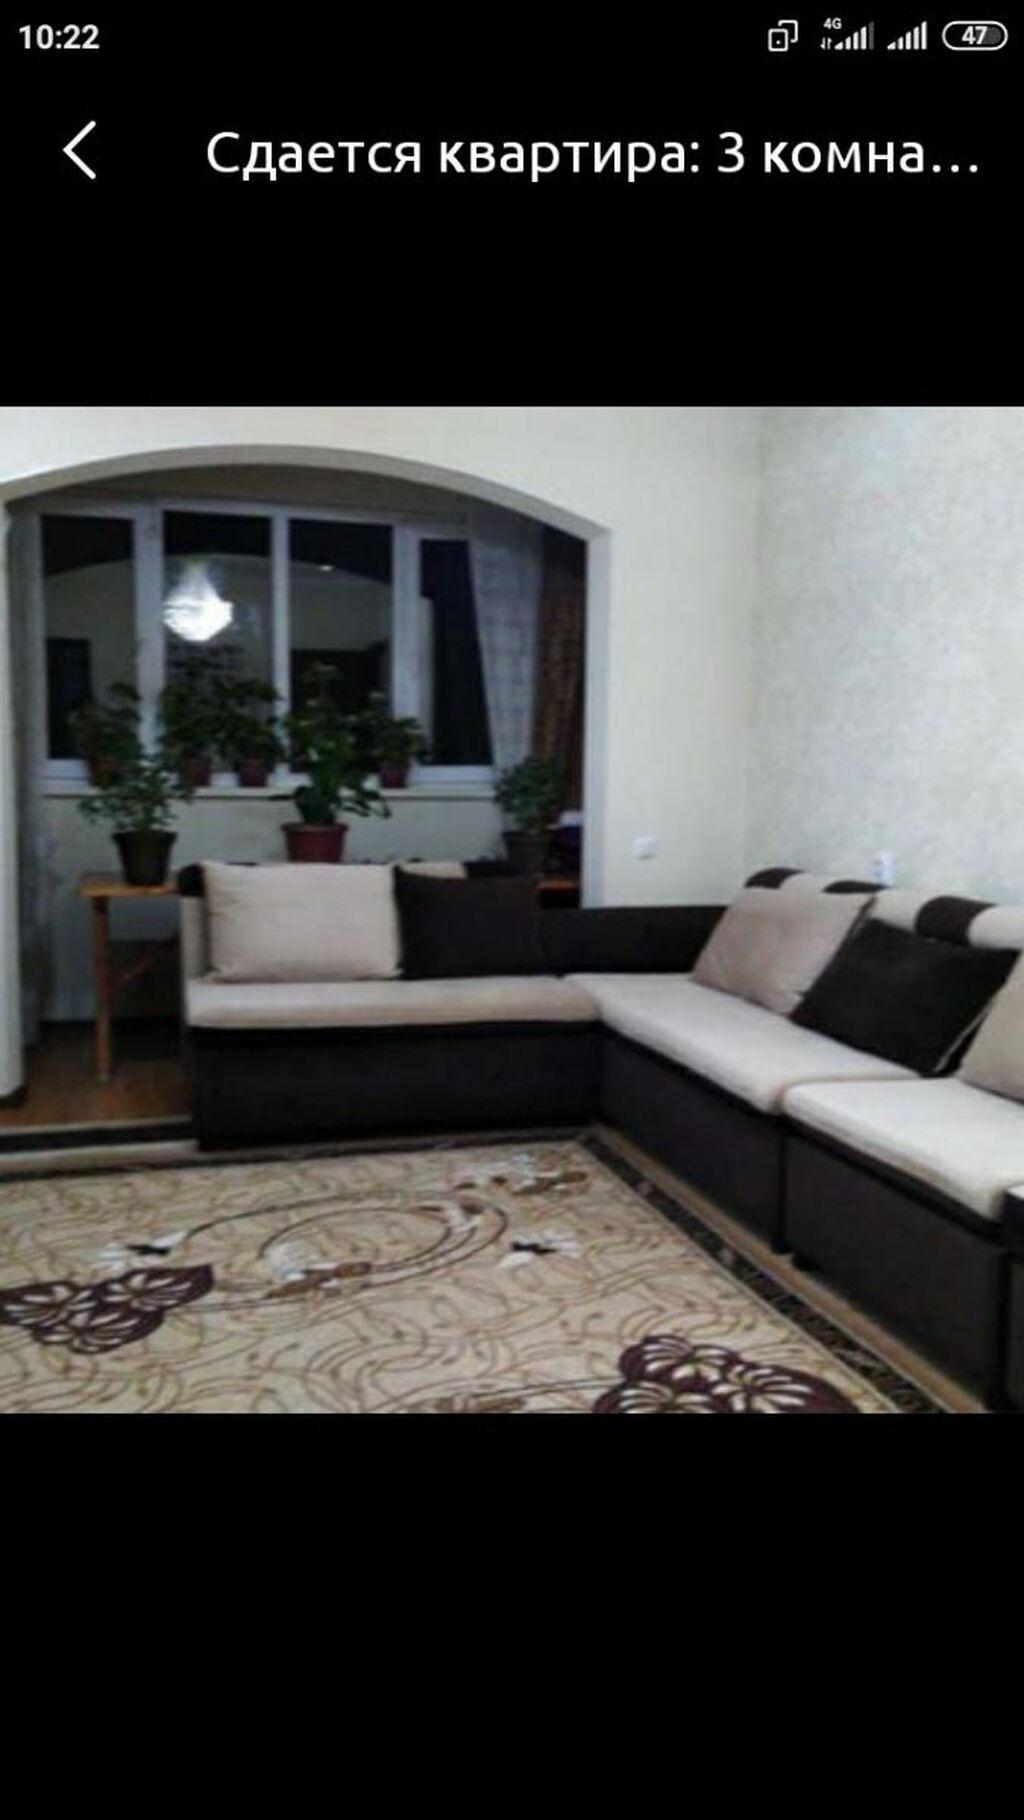 Сдается квартира: 3 комнаты, 89 кв. м, Ленинское